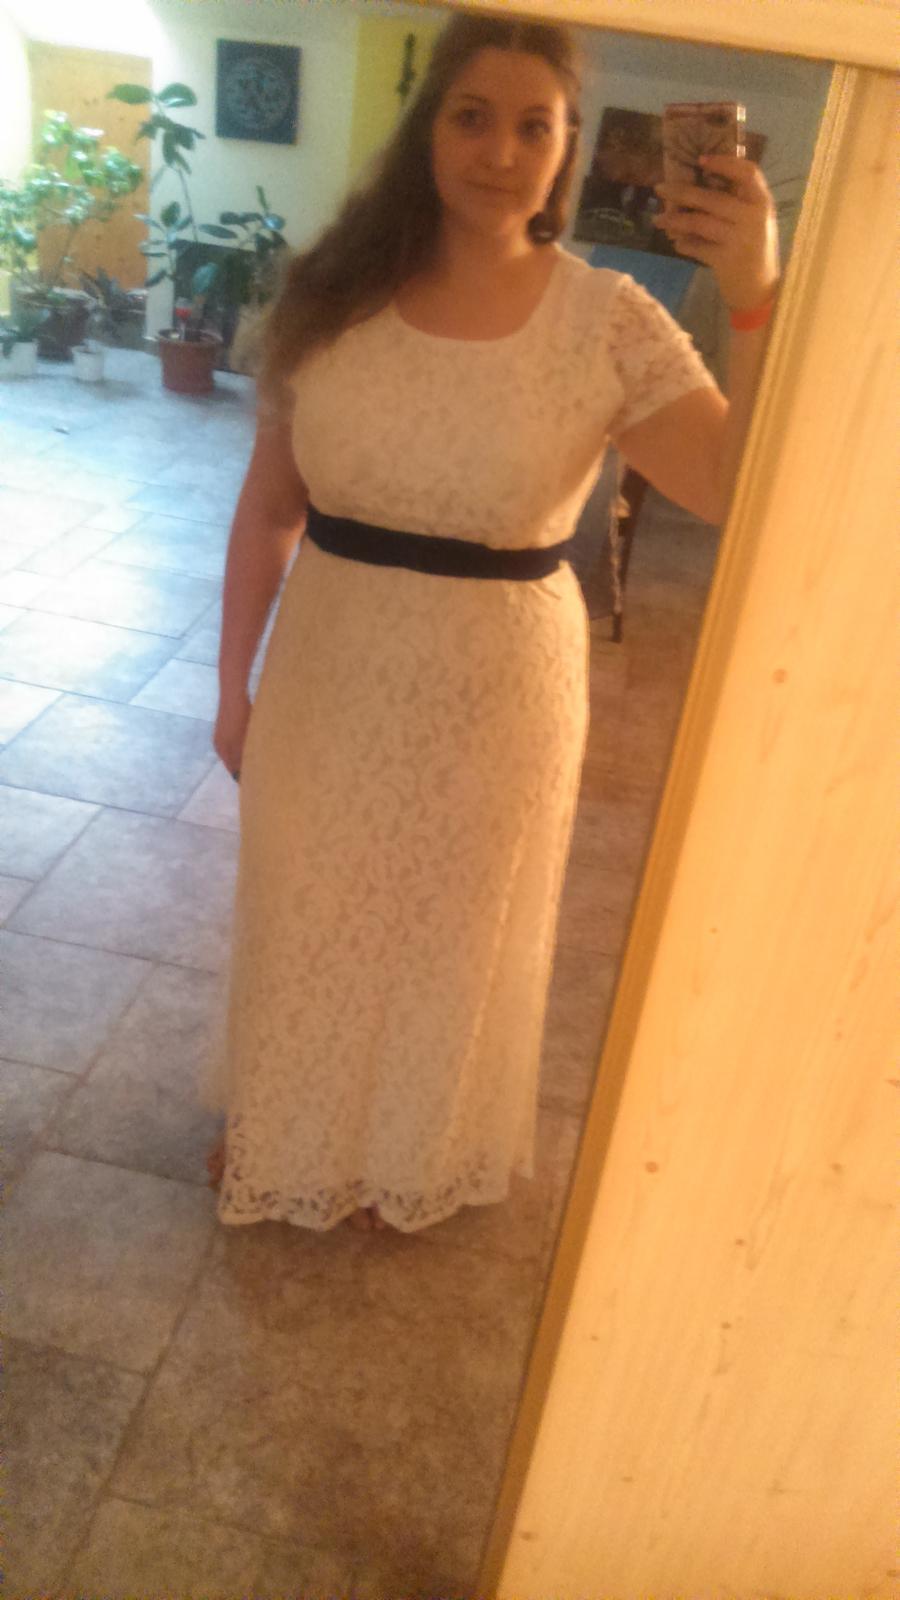 Mě by se líbil nějaký s levandulí a sem tam mezitim malou bílou řůžičku.  22. led 2015 v 15 51 • Svatba byla v září 2015 • Odpověz • To se mi líbí • 8 69feafe633